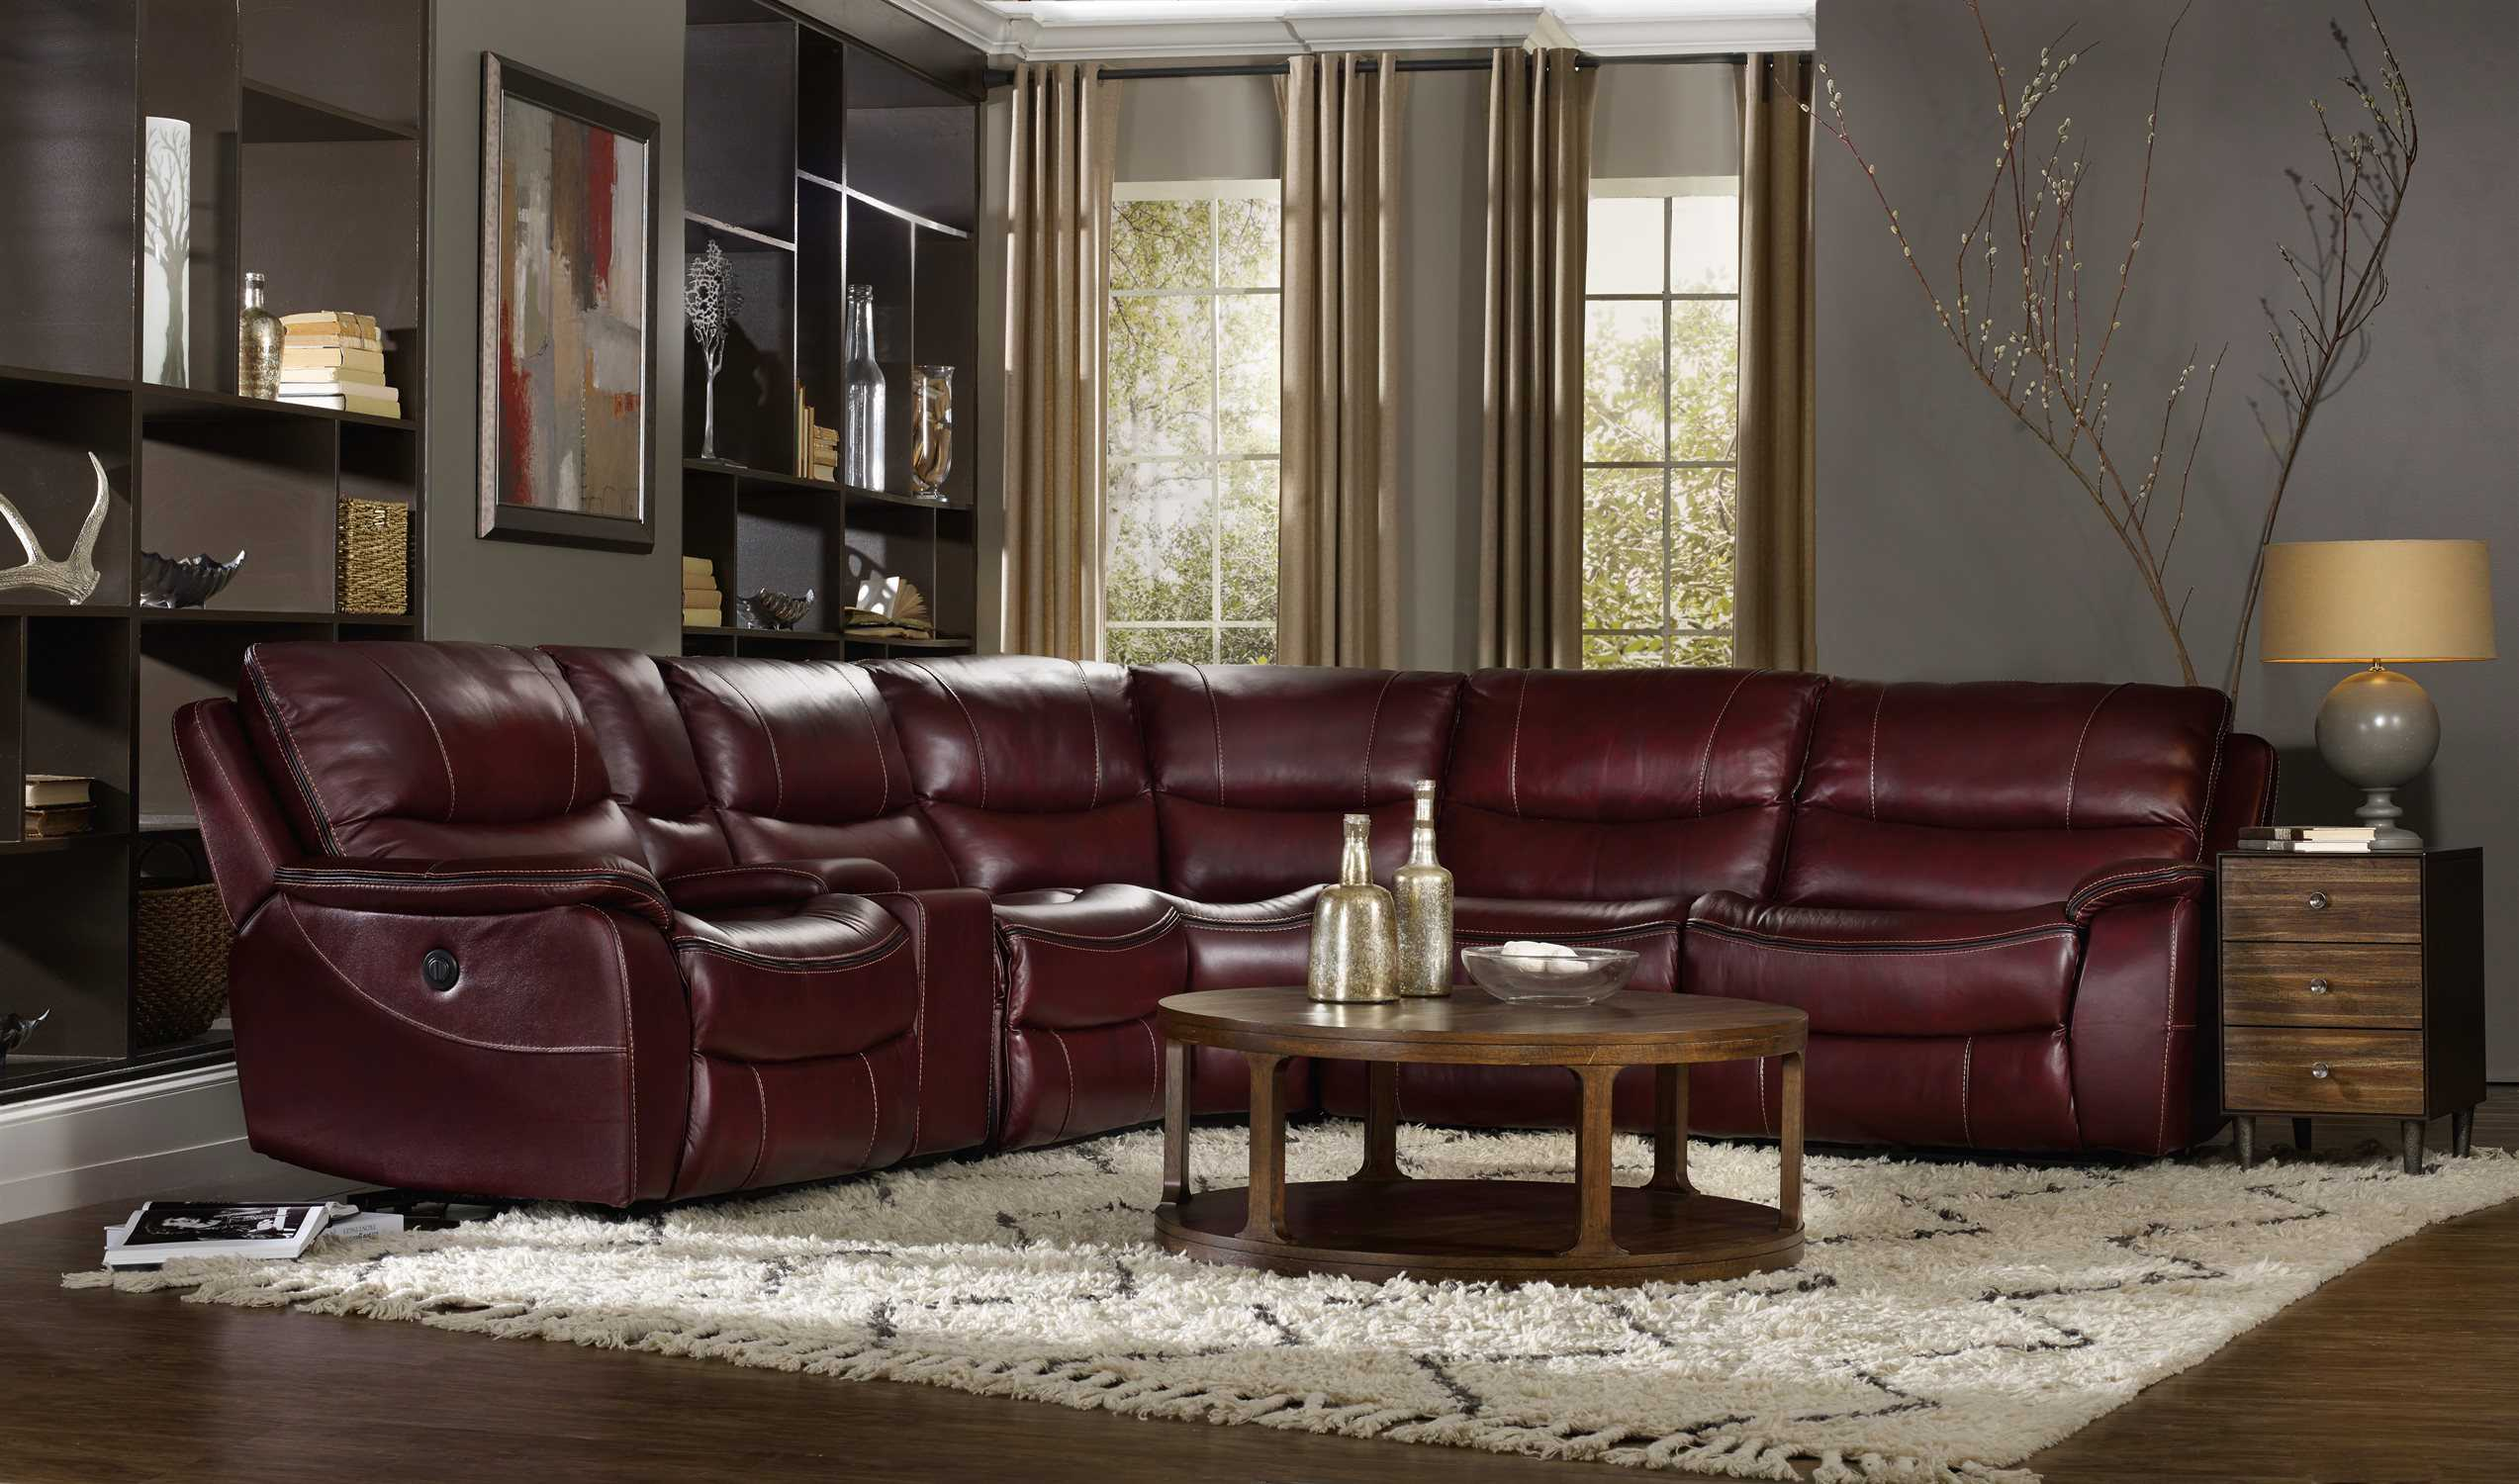 Hooker Furniture Red Wine with Black Trim Living Room Set ...